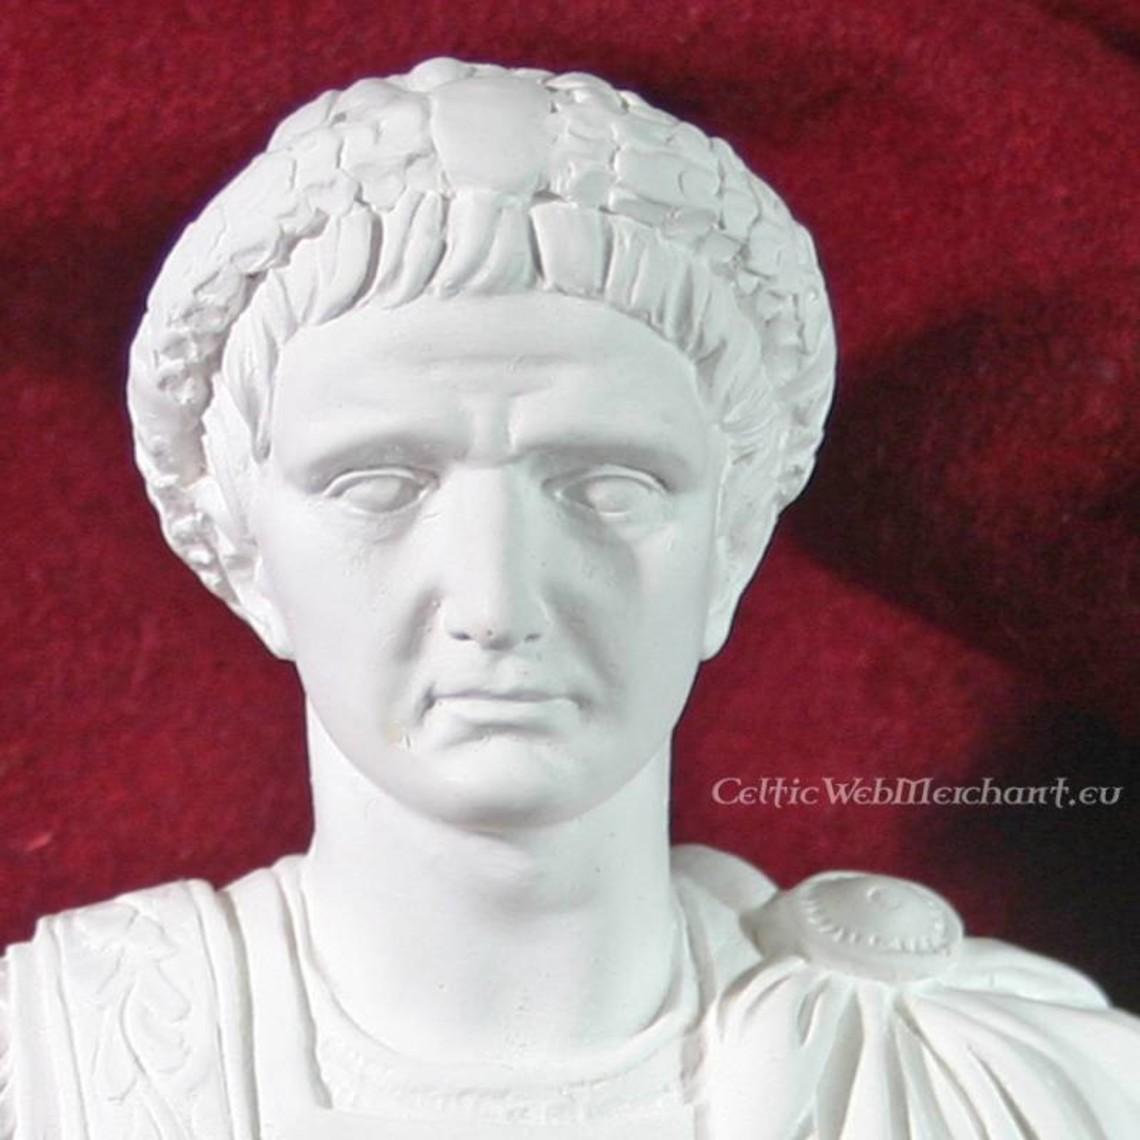 Buste keizer Tiberius Claudius Nero